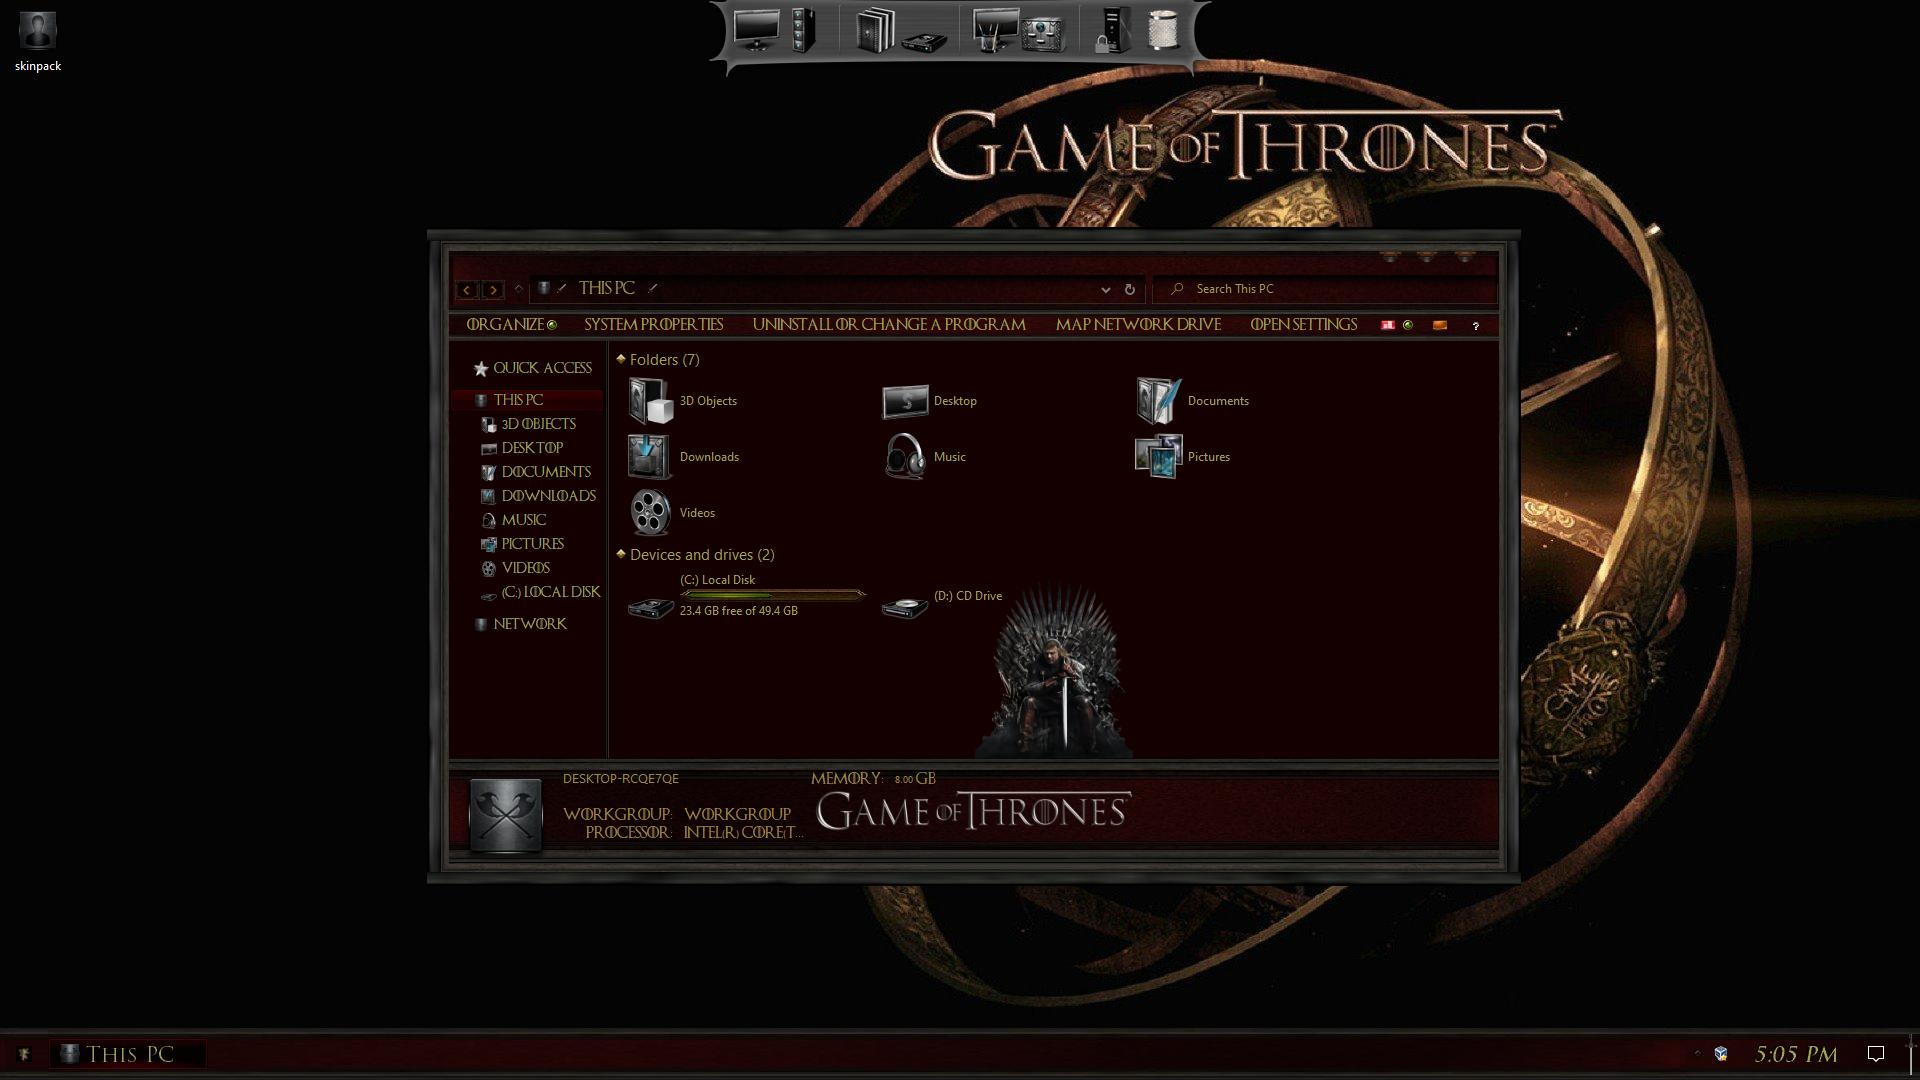 Game Of Thrones Premium SkinPack for Windows 10